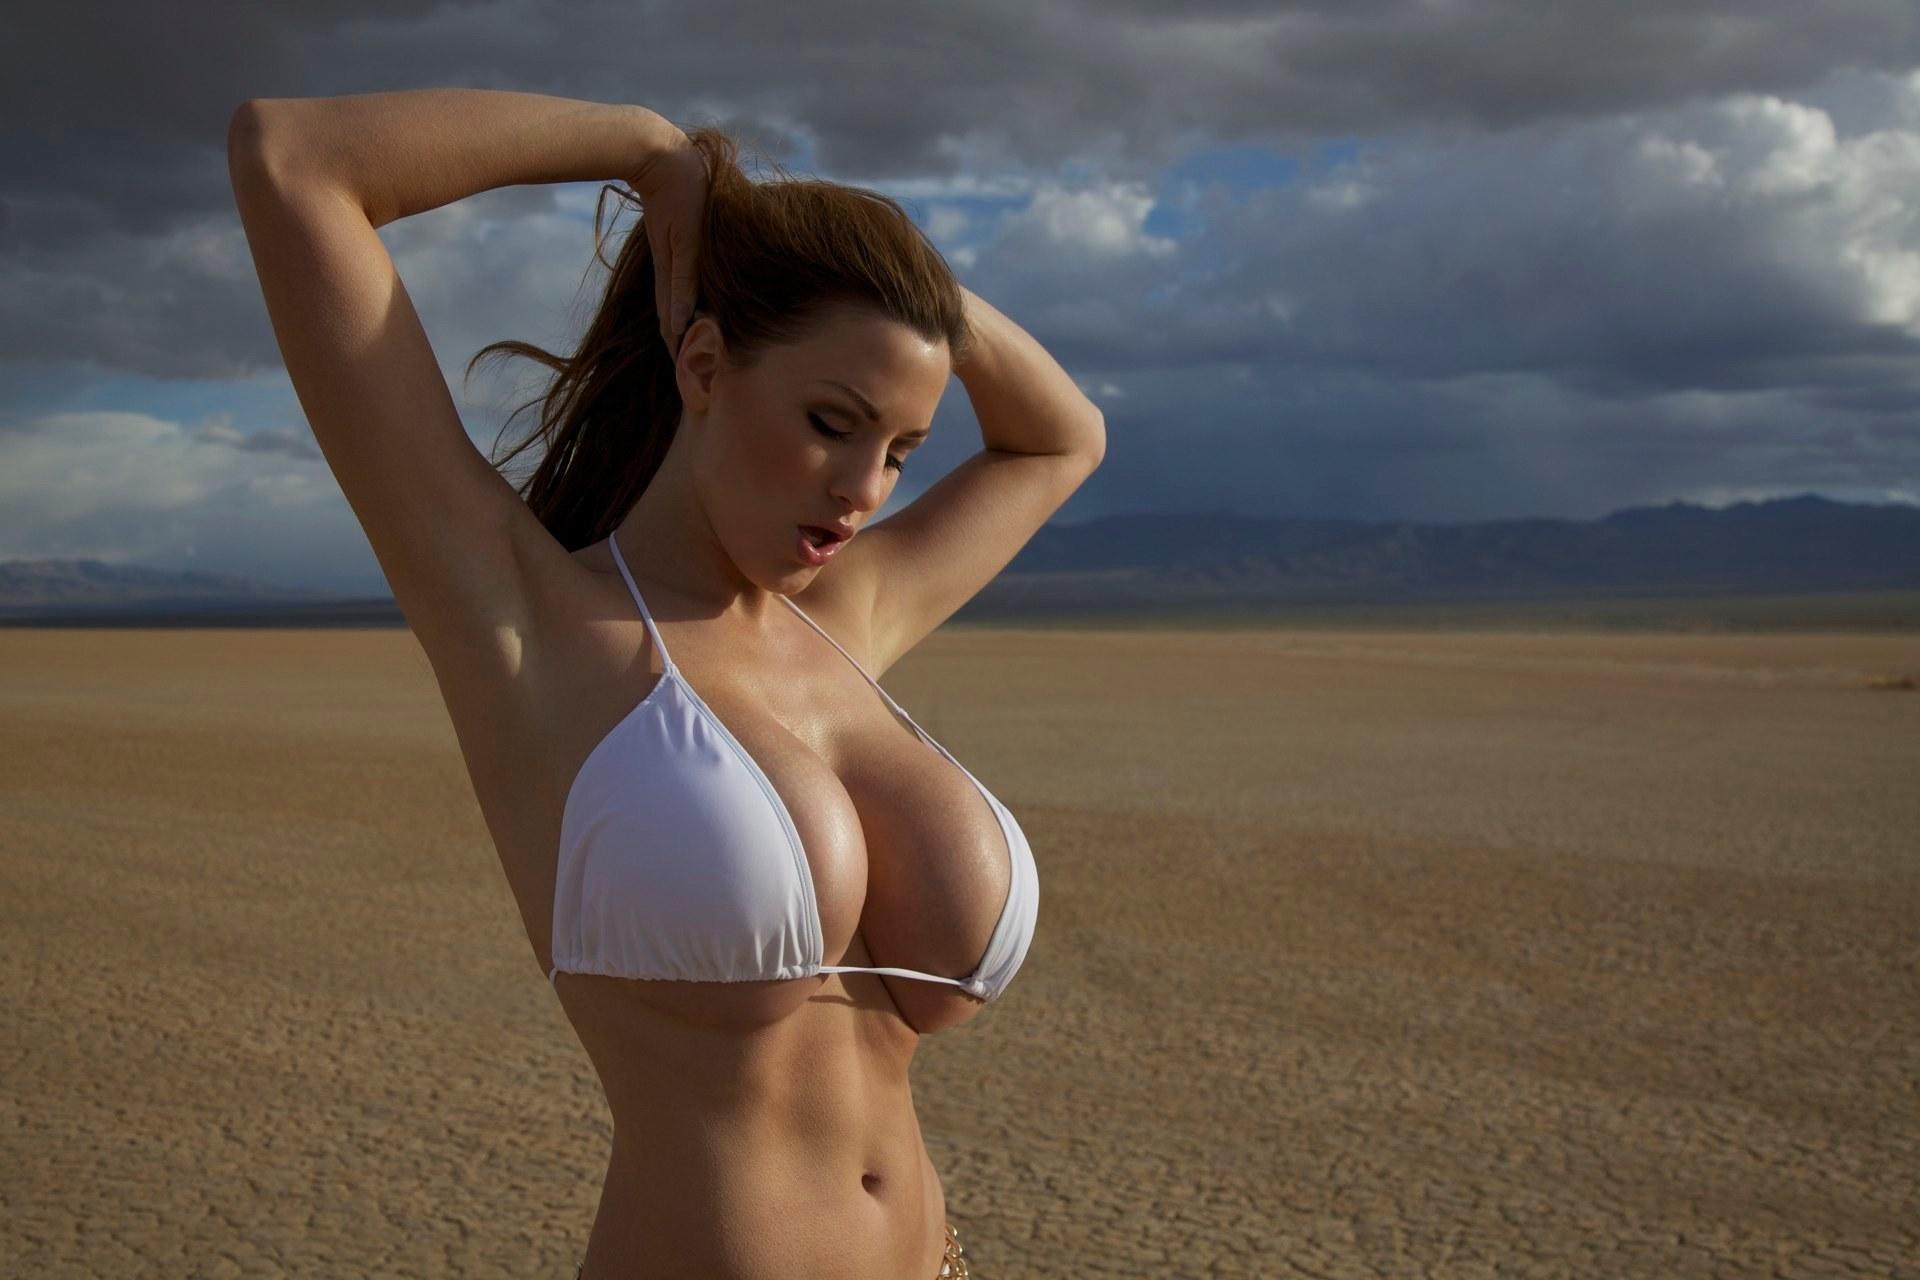 Фото жён с большими грудями, Фото голых жен с большими сиськами частное порно 15 фотография